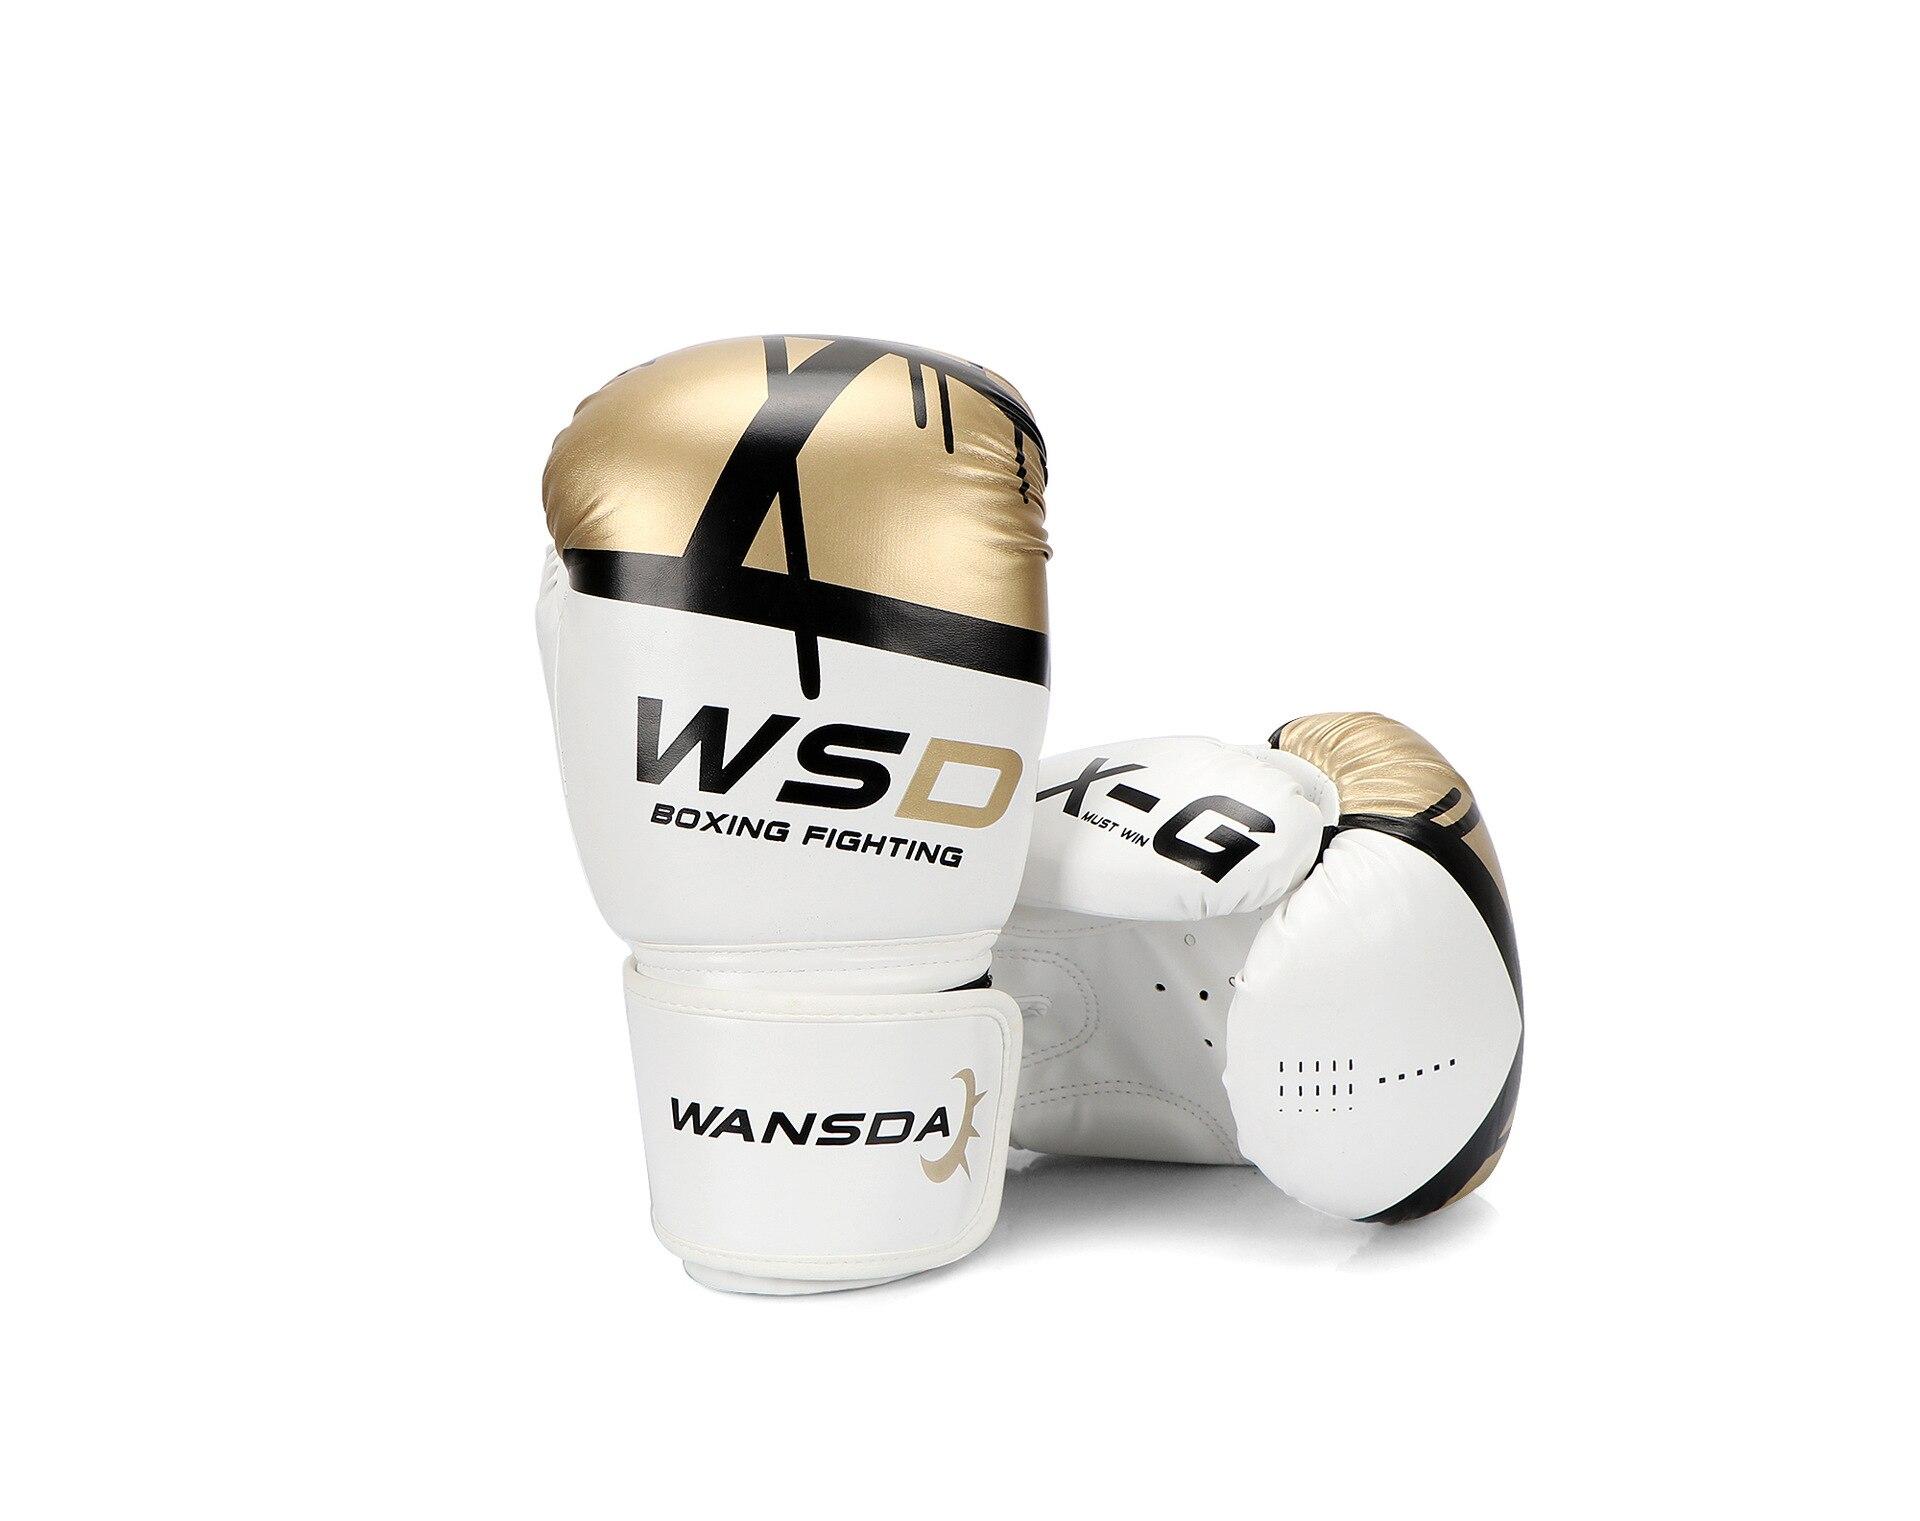 2019 nouveaux adultes chauds femmes/hommes gants De Boxe en cuir MMA Muay Thai Boxe De Luva mitaines Sanda équipements De gymnastique